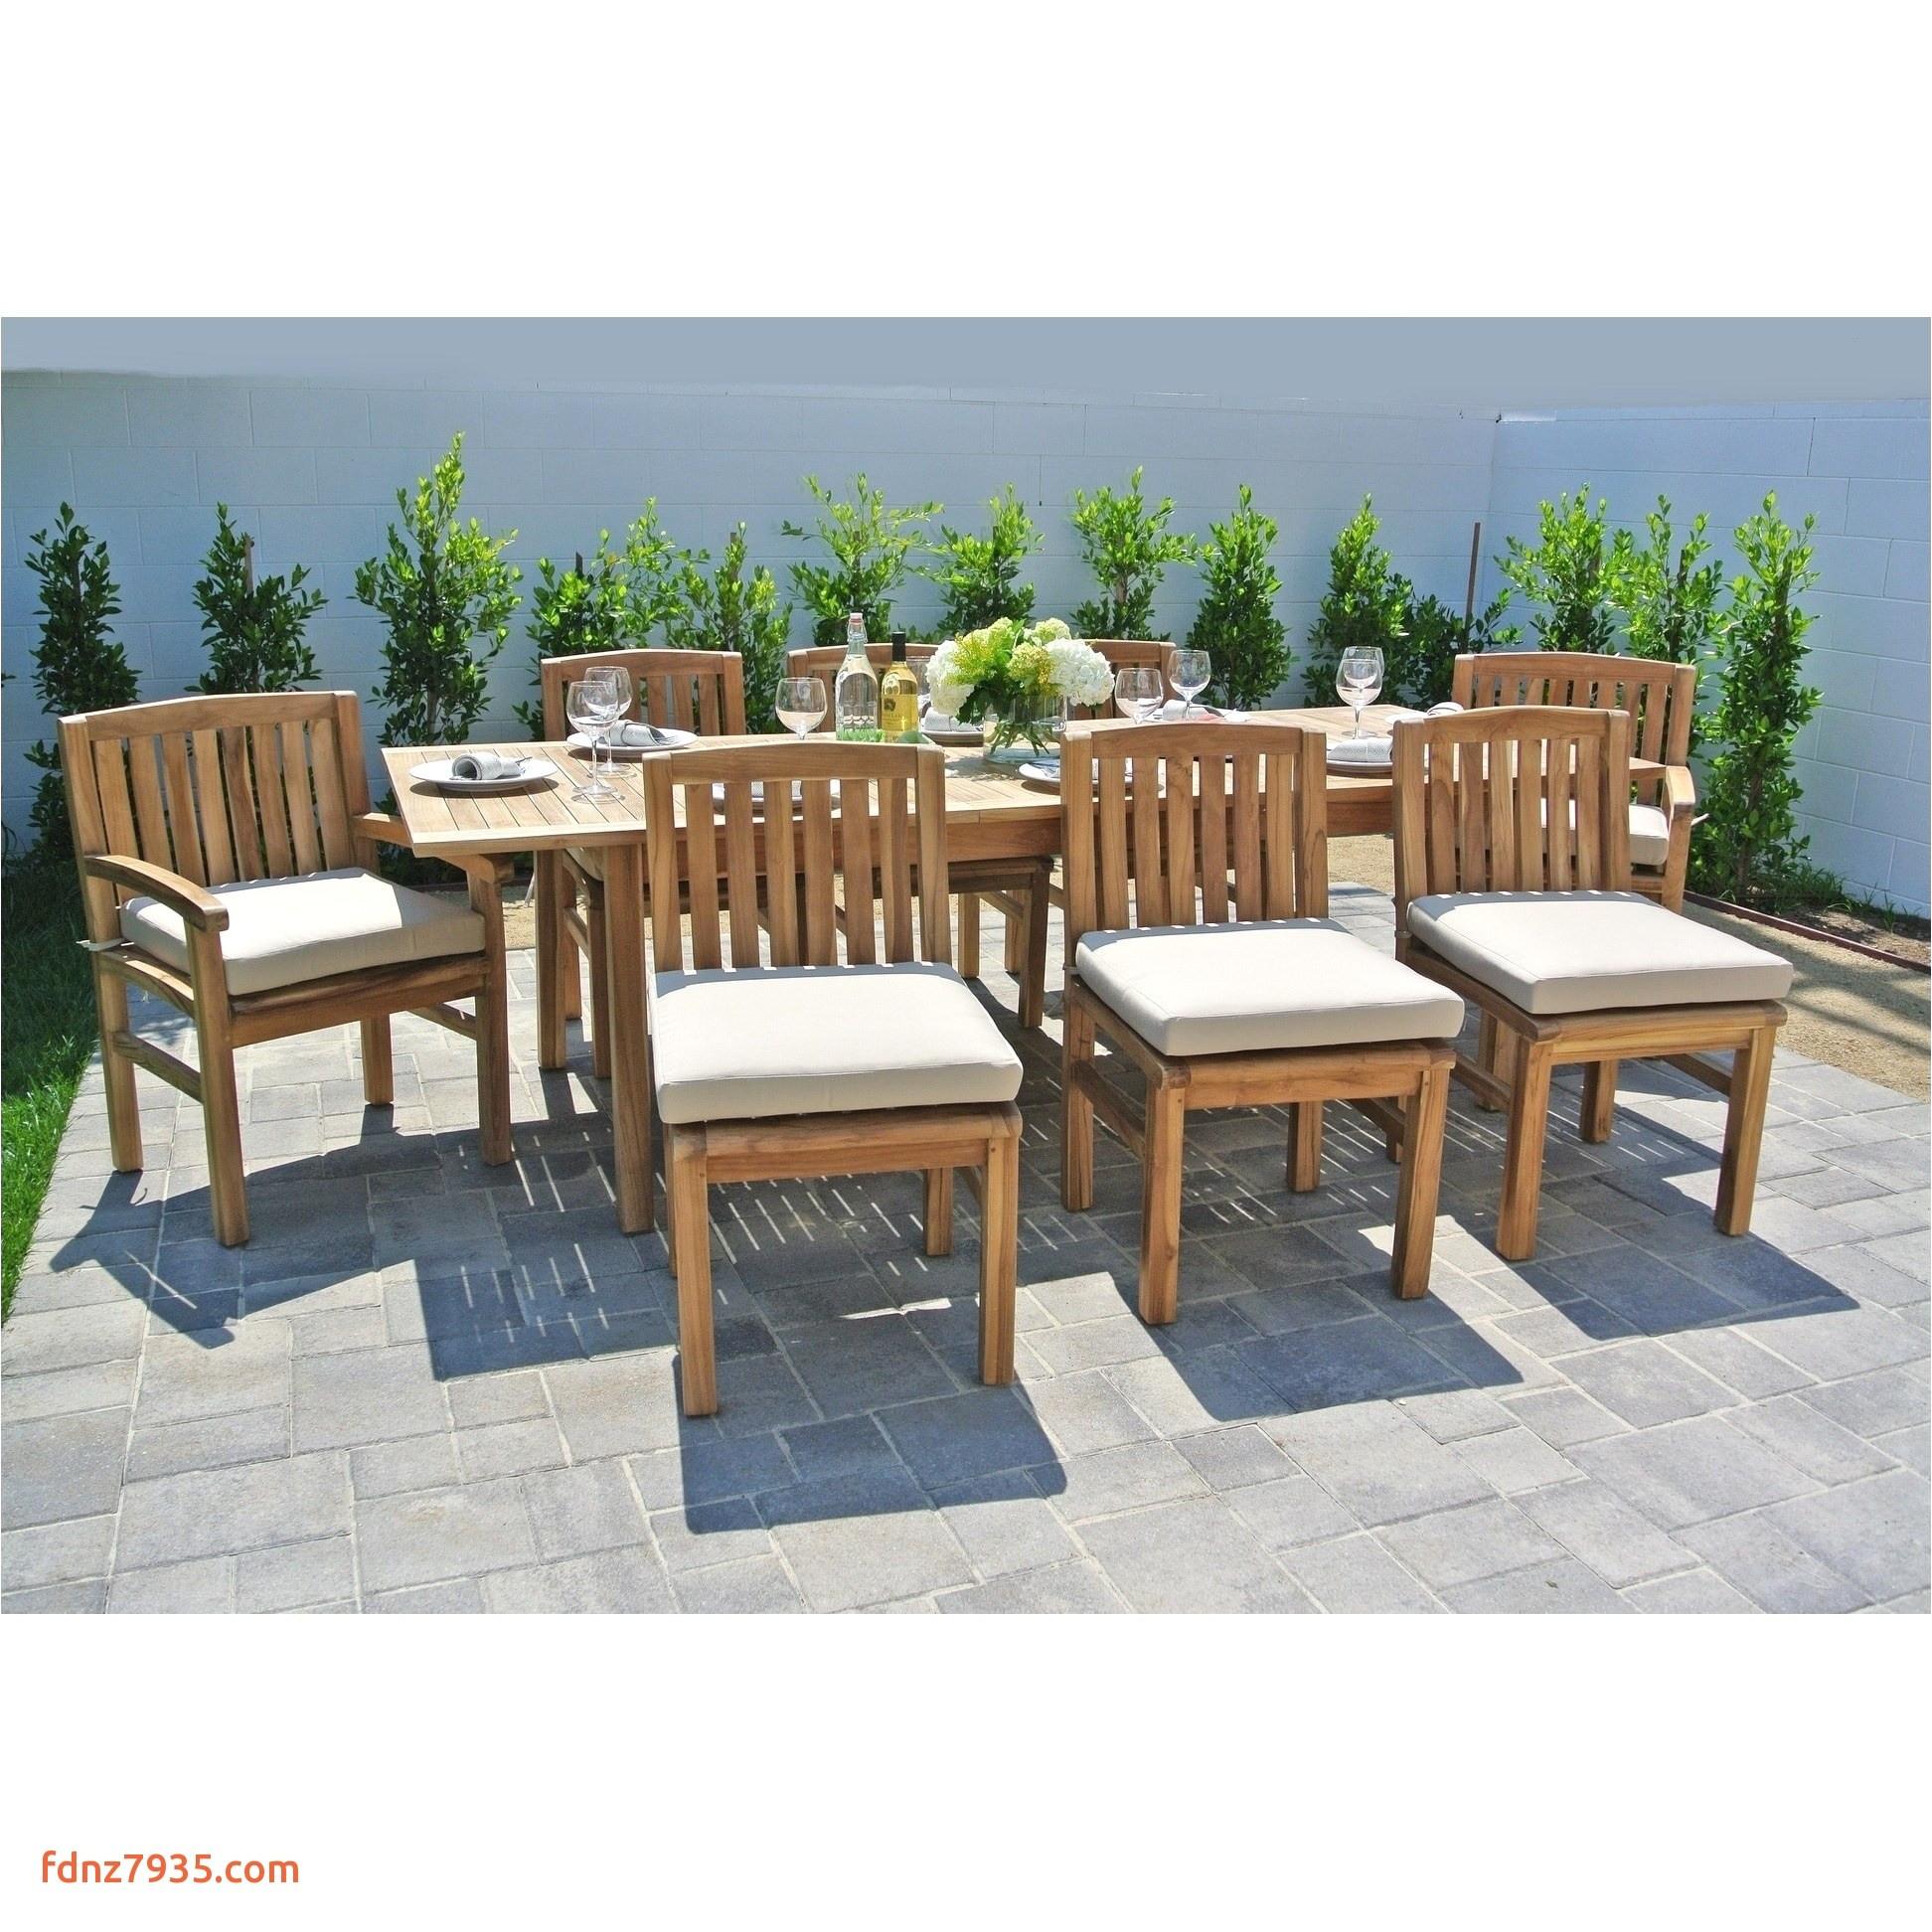 outdoor sofa dining set unique patio furniture dining sets 22 patio box best wicker outdoor sofa